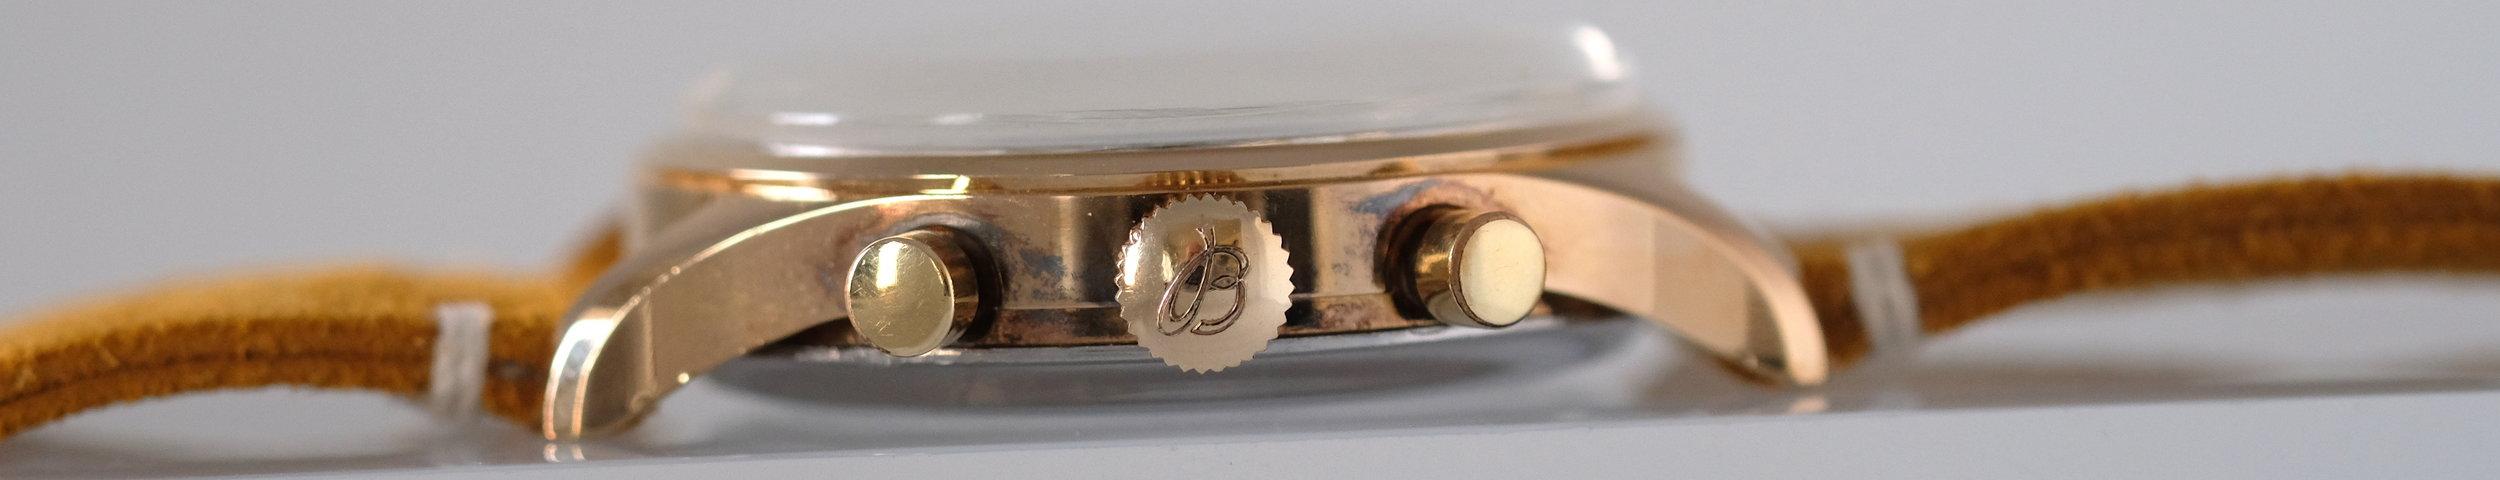 DSCF1928.JPG